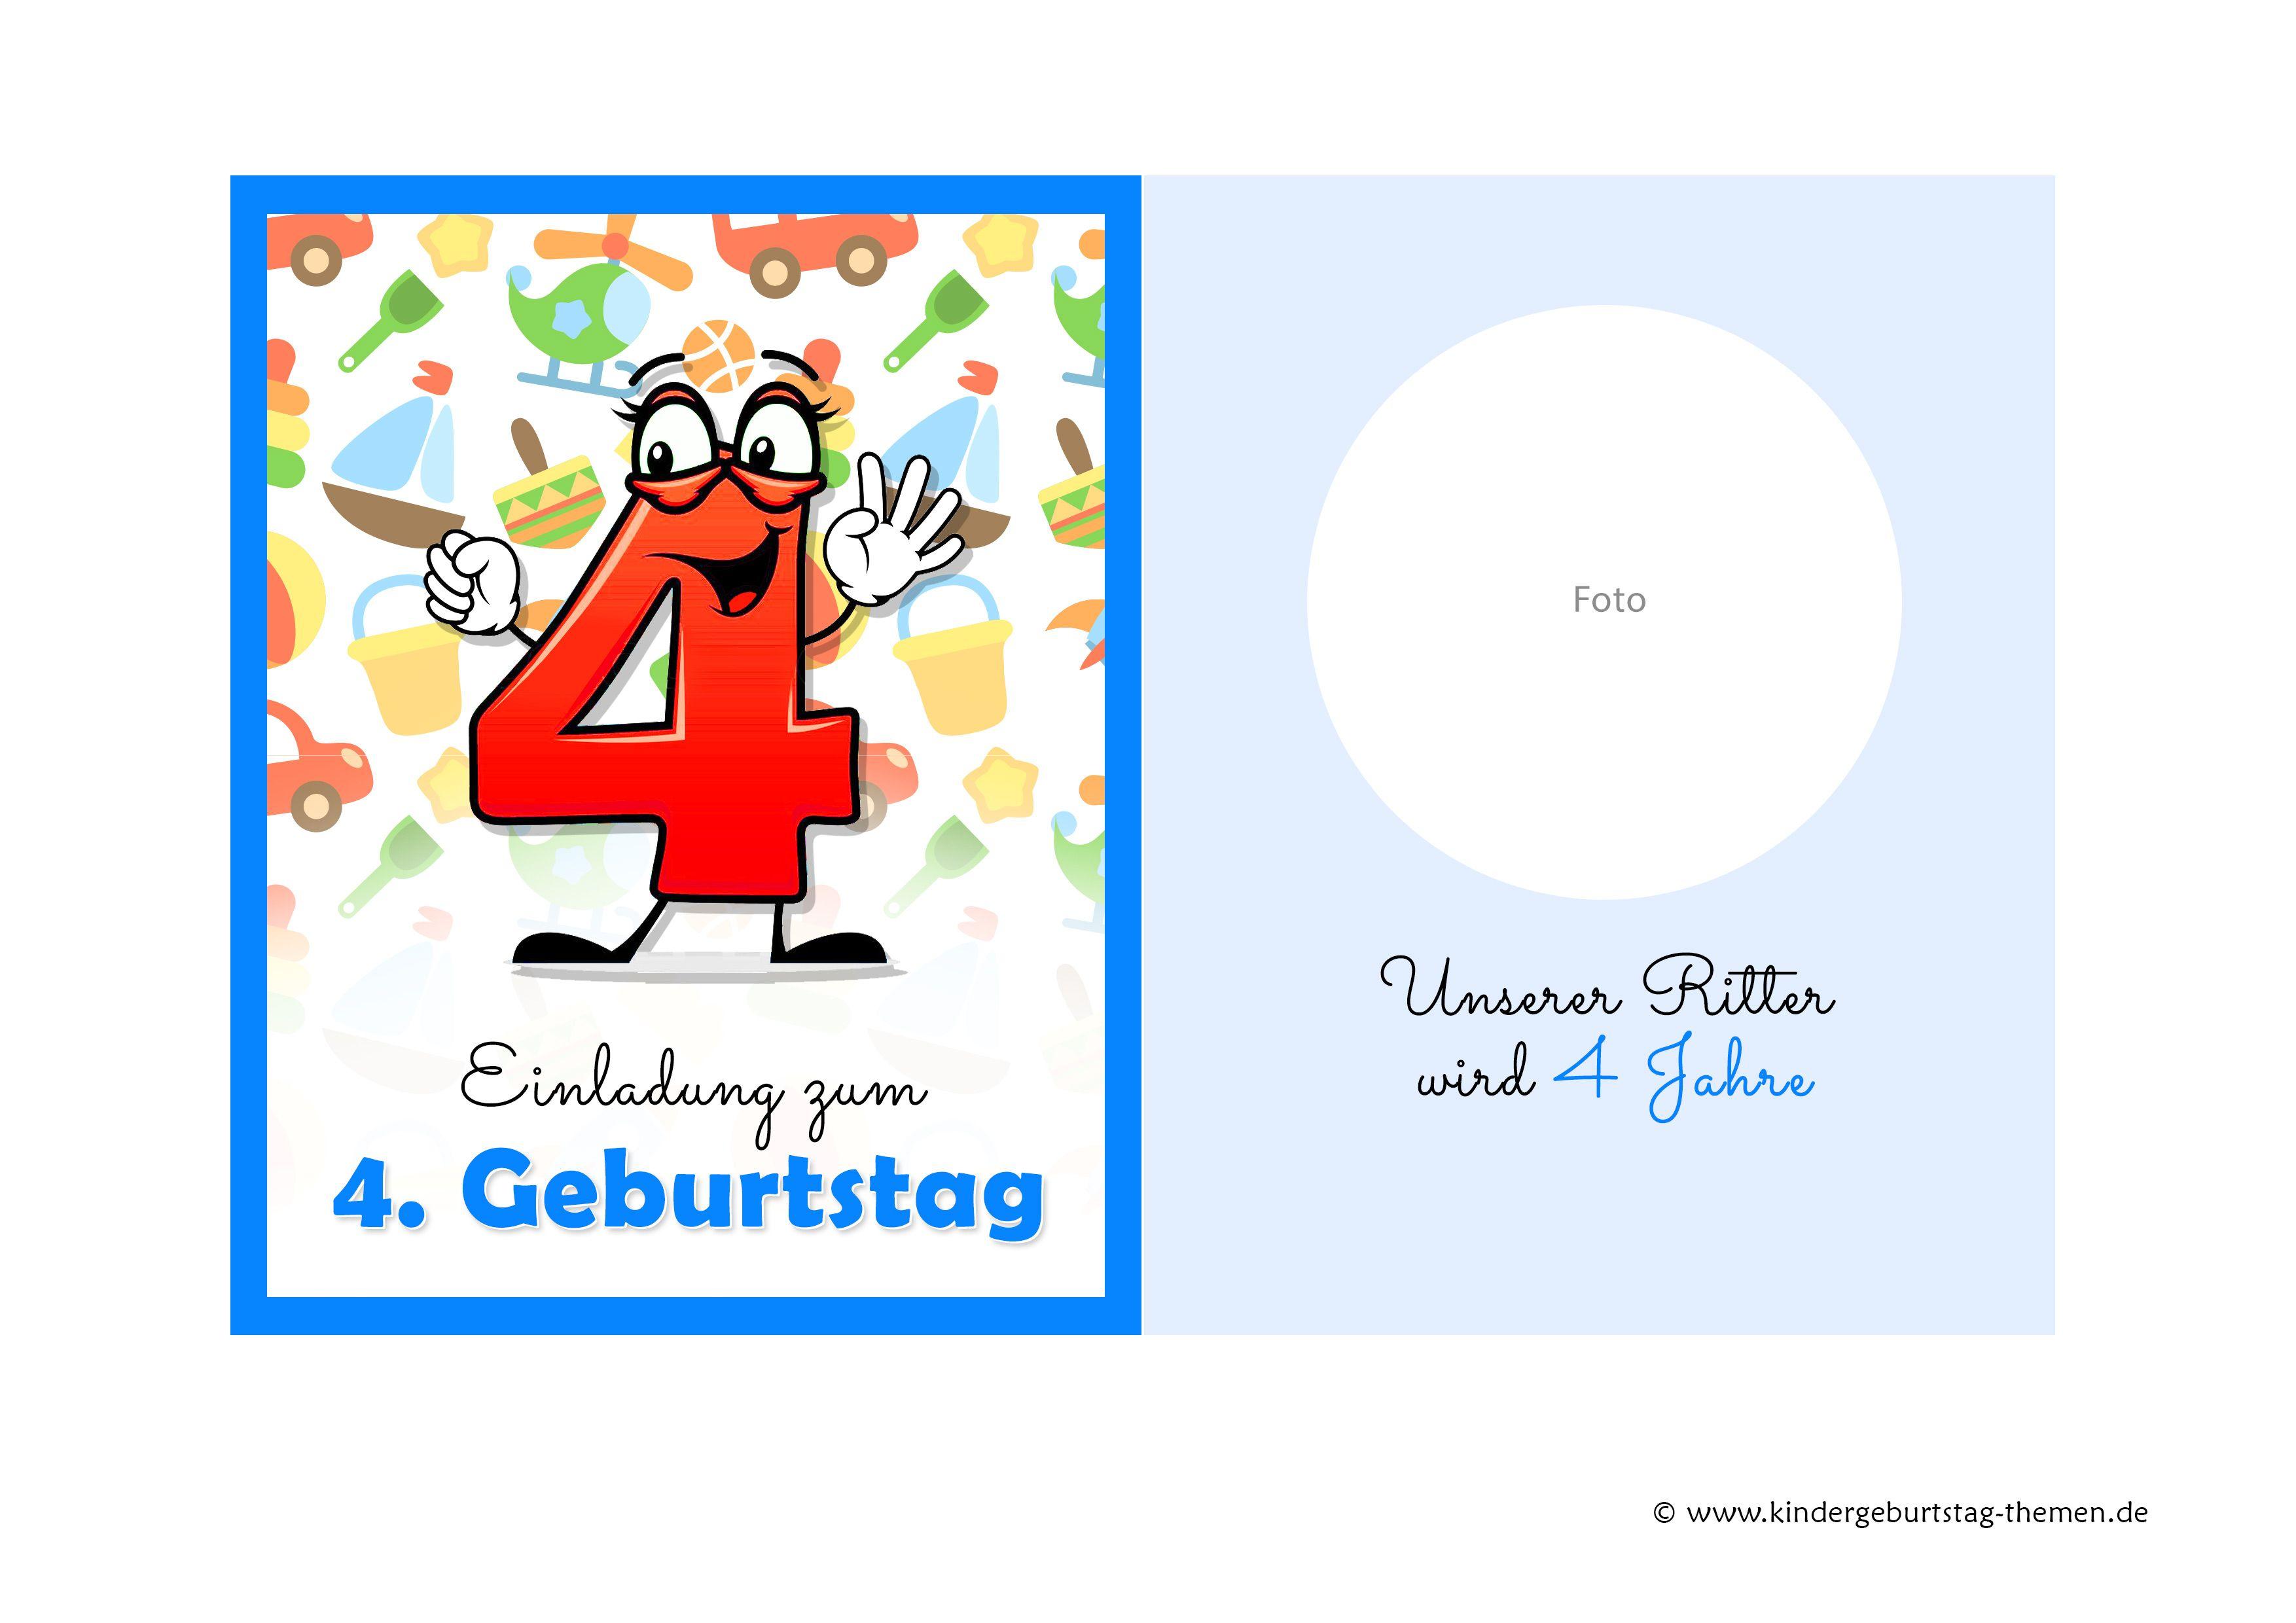 Einladung 4 Geburtstag Kostenlose Vorlagen Zum Ausdrucken Einladung Geburtstag Einladung Kindergeburtstag Text Einladung Kindergeburtstag